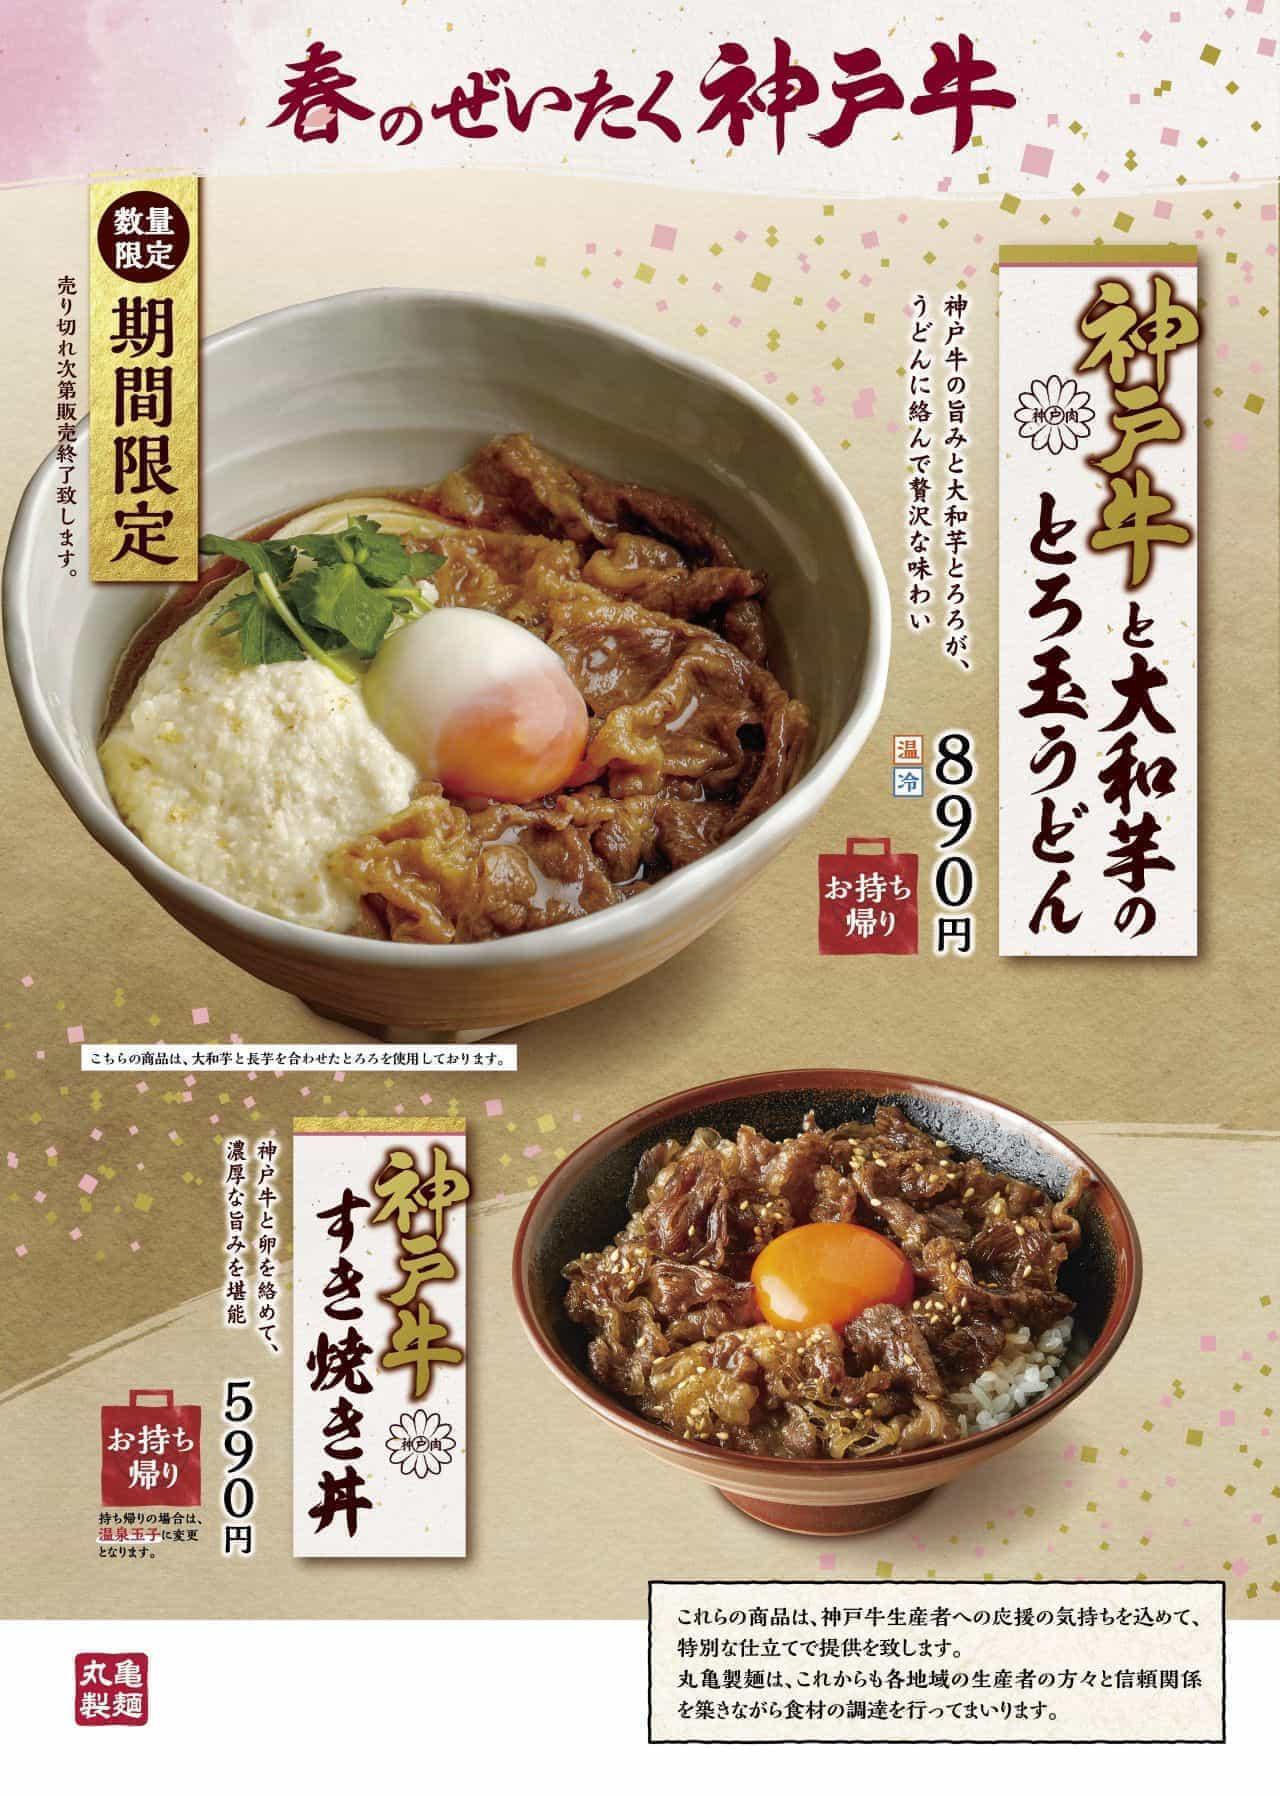 丸亀製麺「神戸牛と大和芋のとろ玉うどん」「神戸牛すき焼き丼」